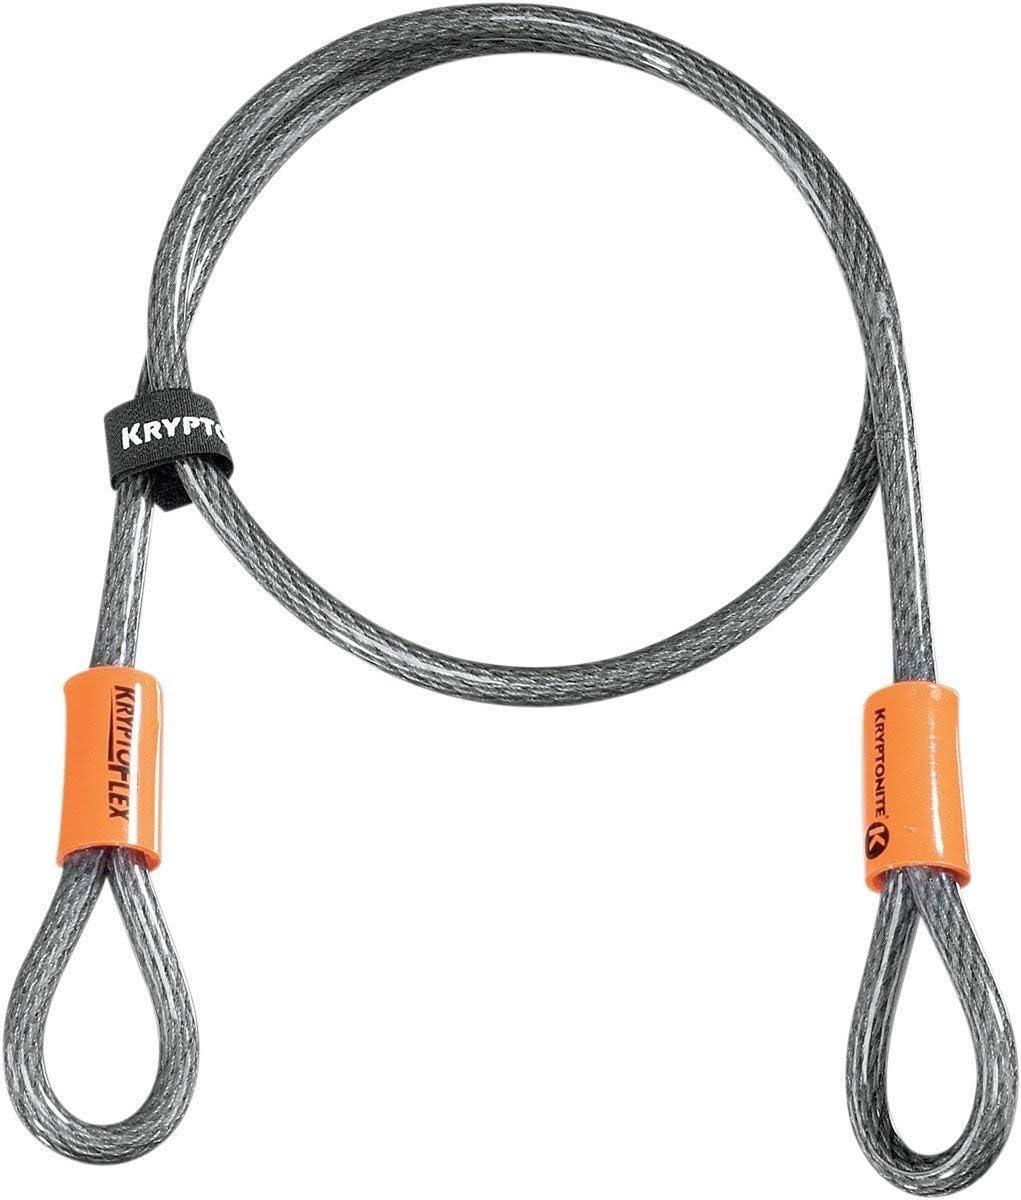 Kryptonite 410 Kryptoflex Looped Cable